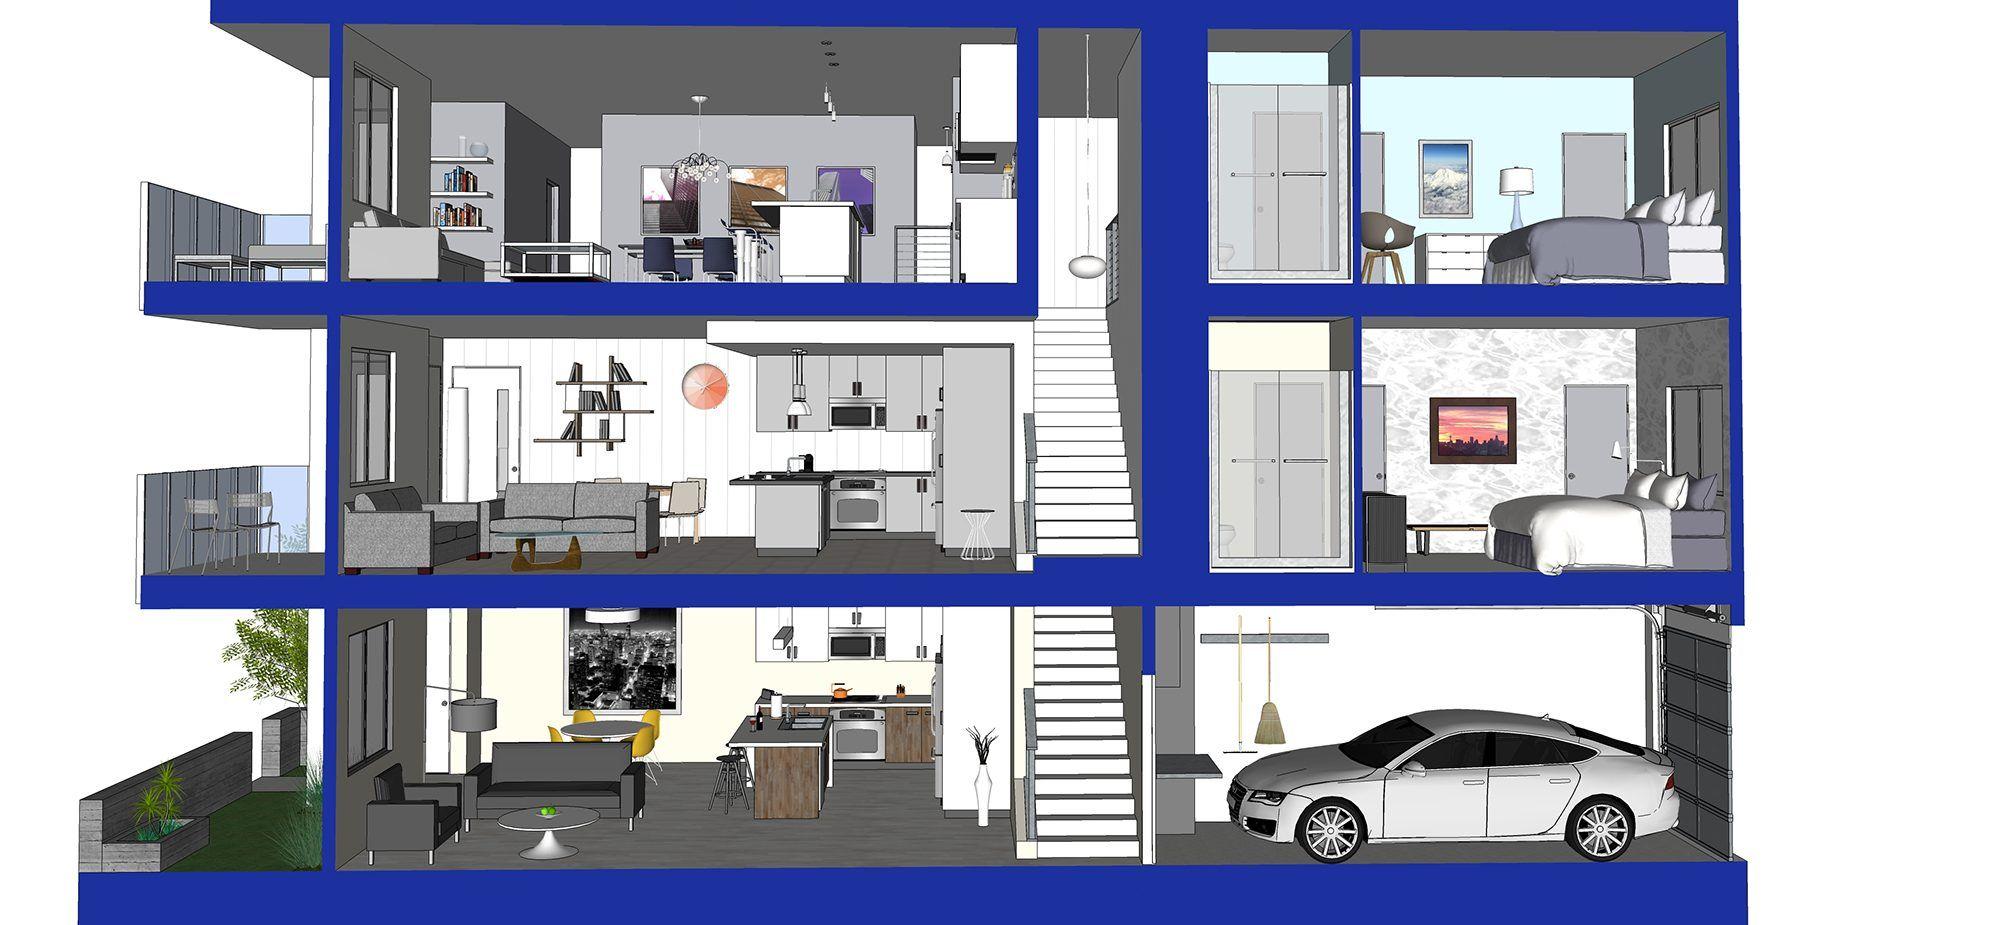 Puzzle 30 Ktgy Architecture Planning Architecture Plan